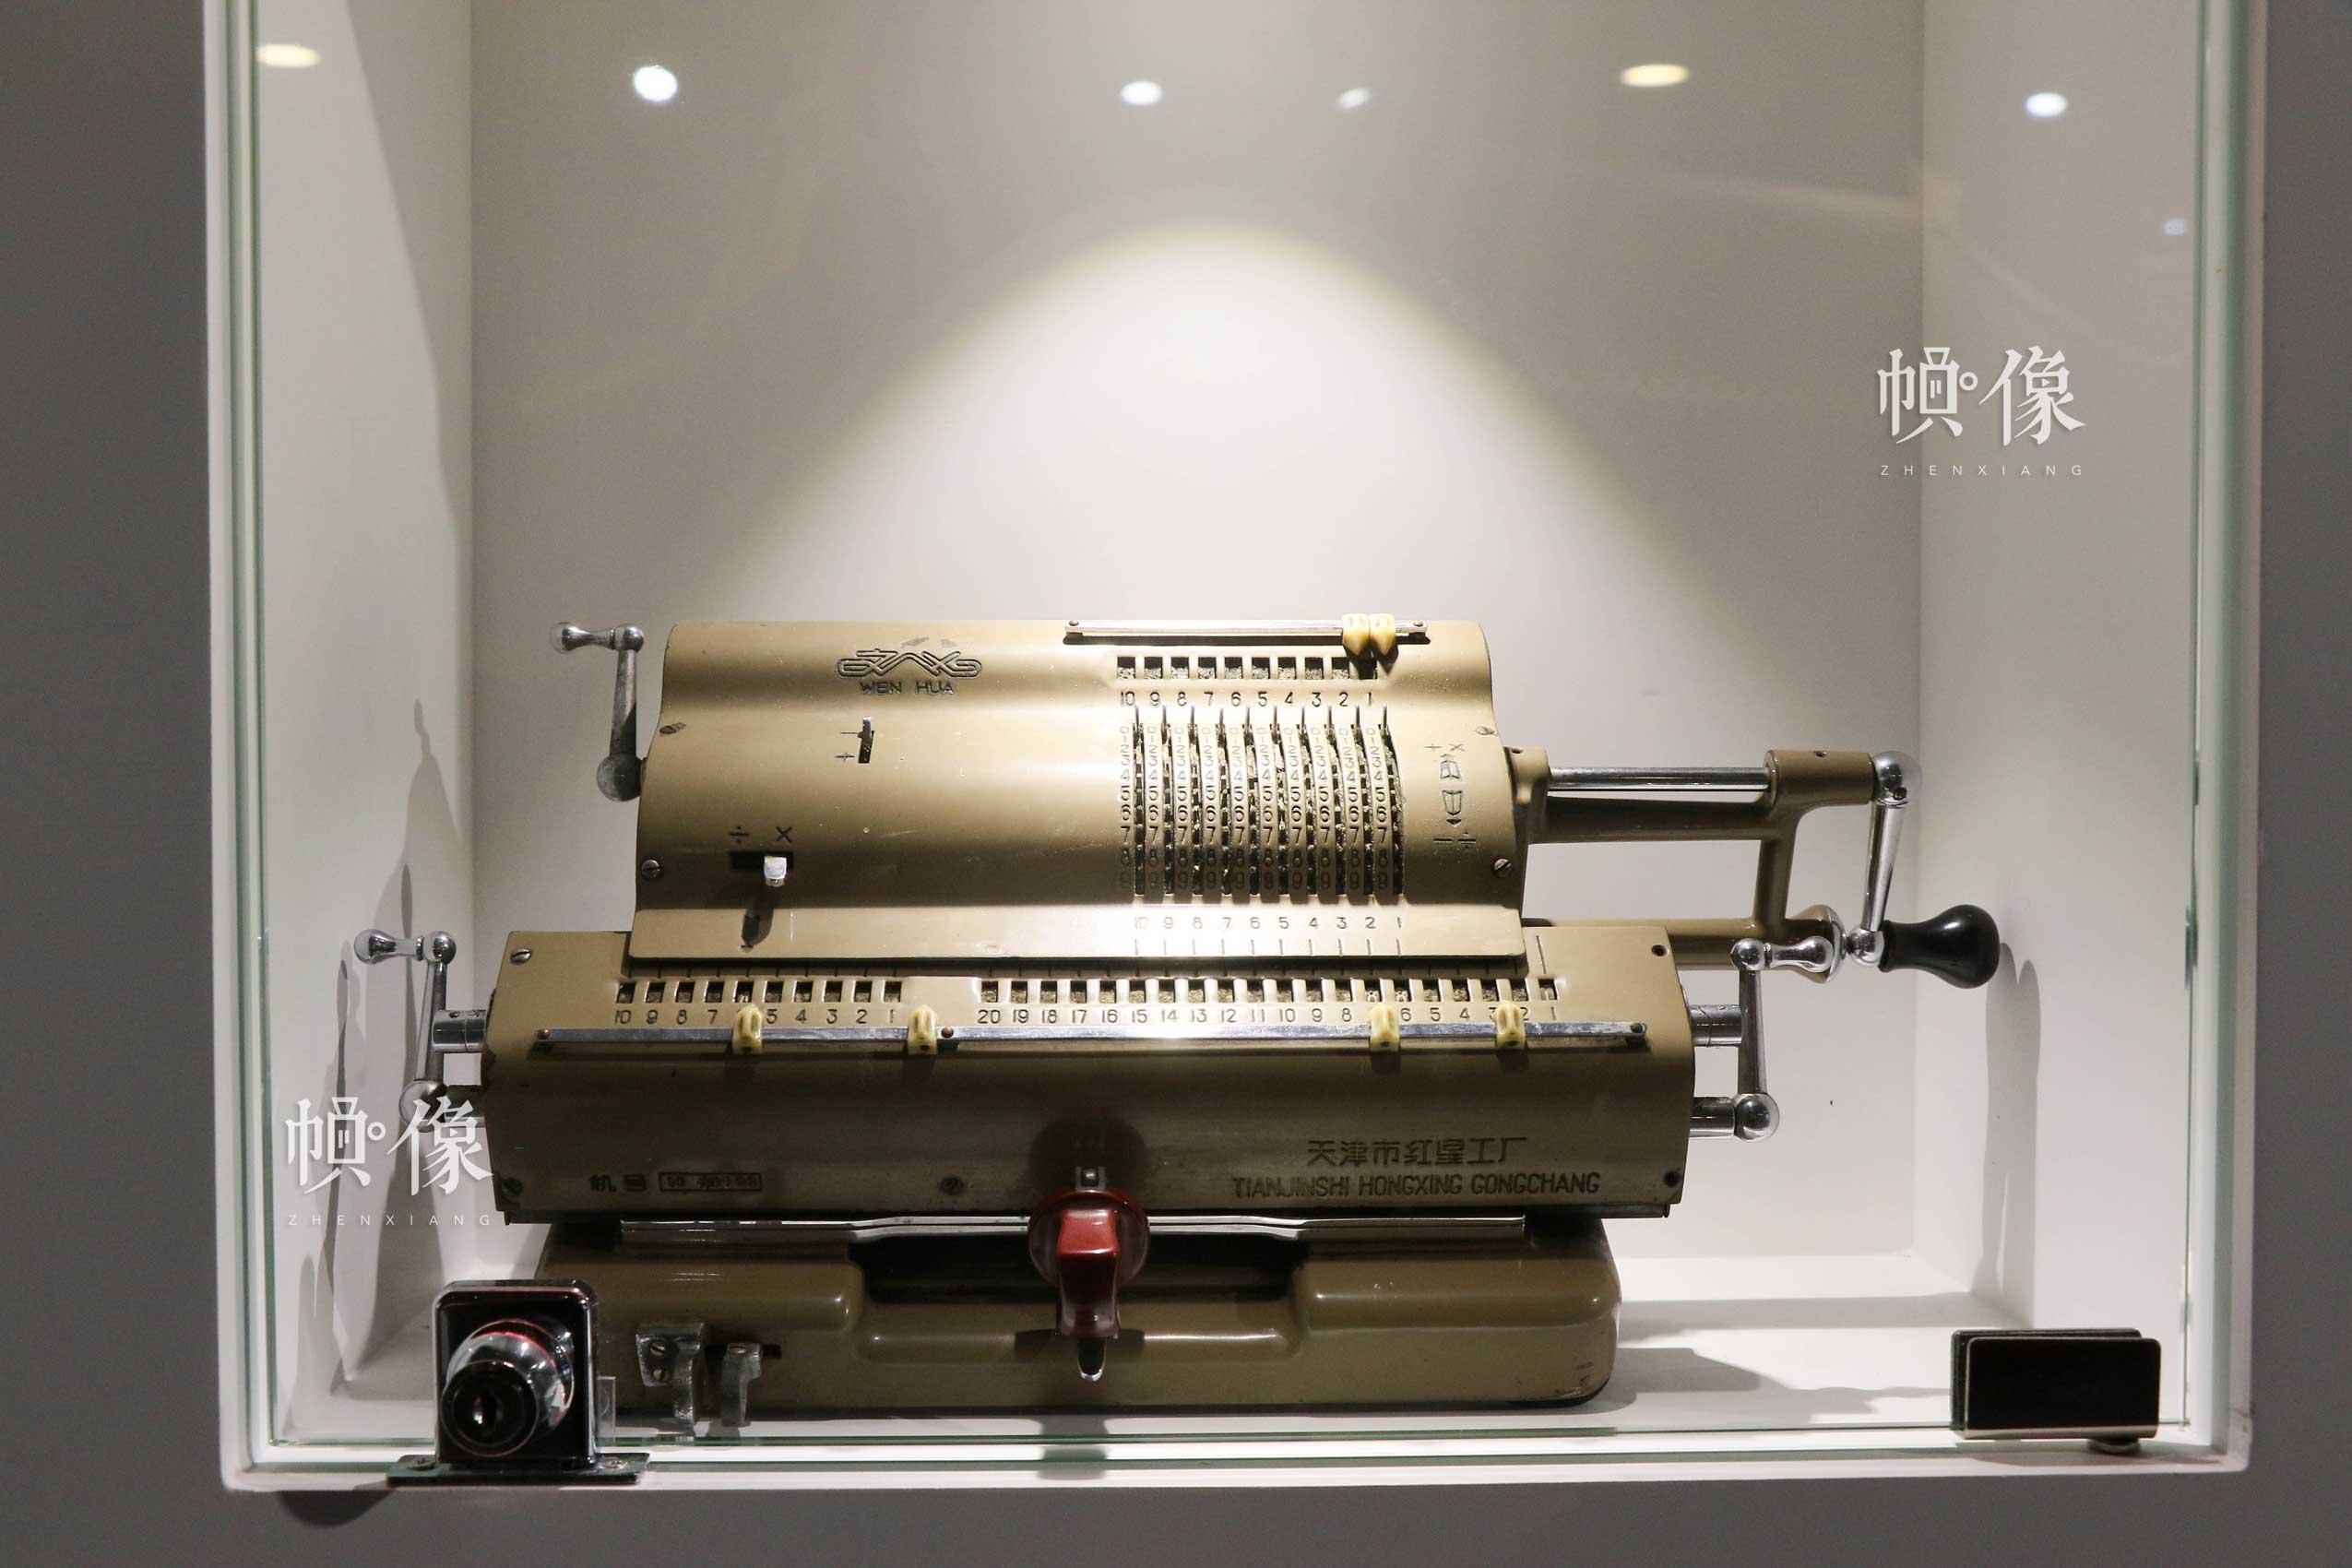 朝阳规划艺术馆主展区陈列旧式手摇计算机。中国网记者 赵超 摄